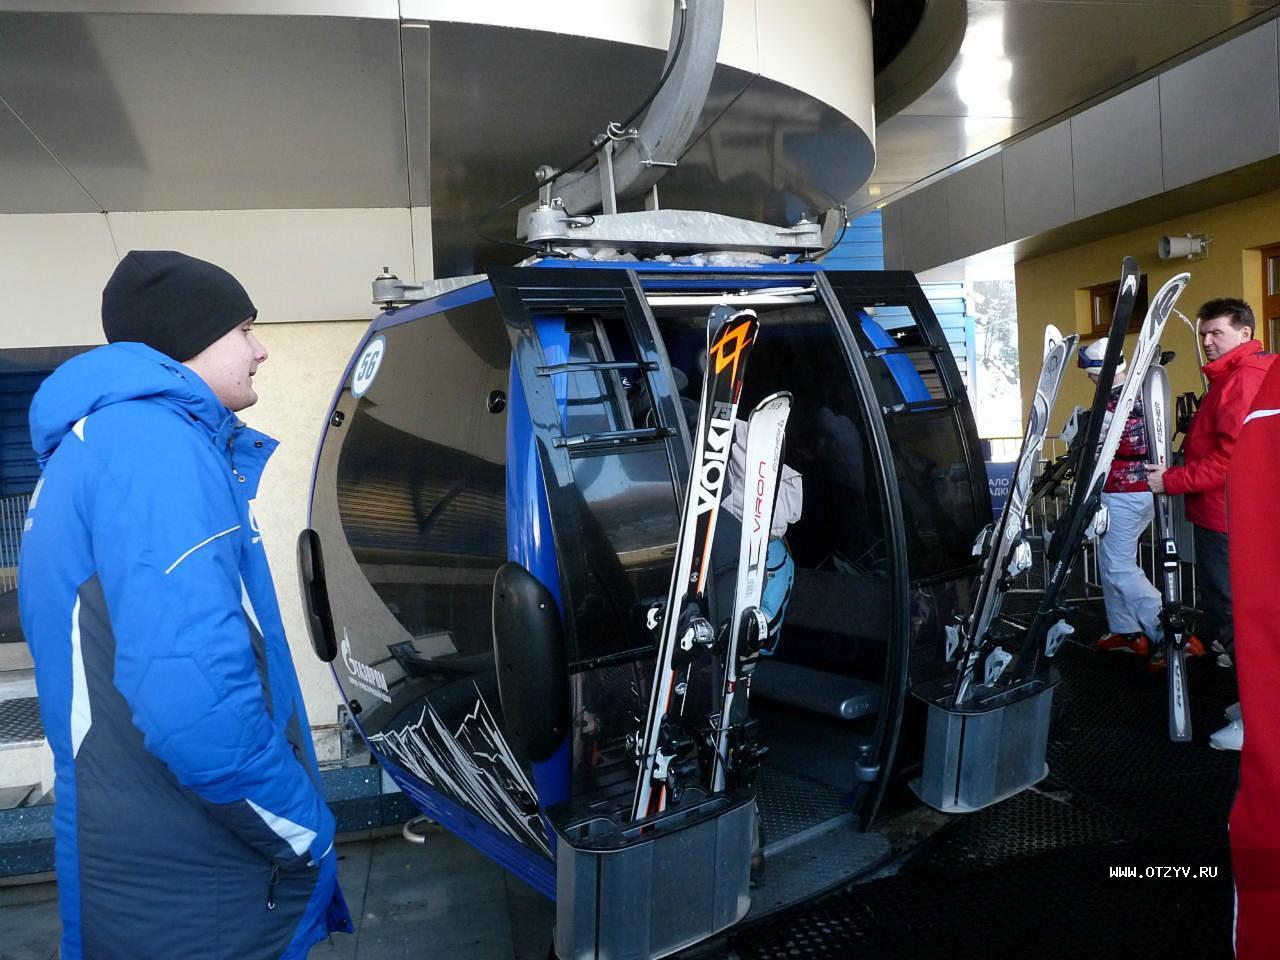 Т.к. мы не лыжники, то просто покупаем билеты на обзорку на канатку, билет  стоит 1100. На входе проверяют как в аэропорту. Очередь подходит за 7 минут. 50a47847c6f